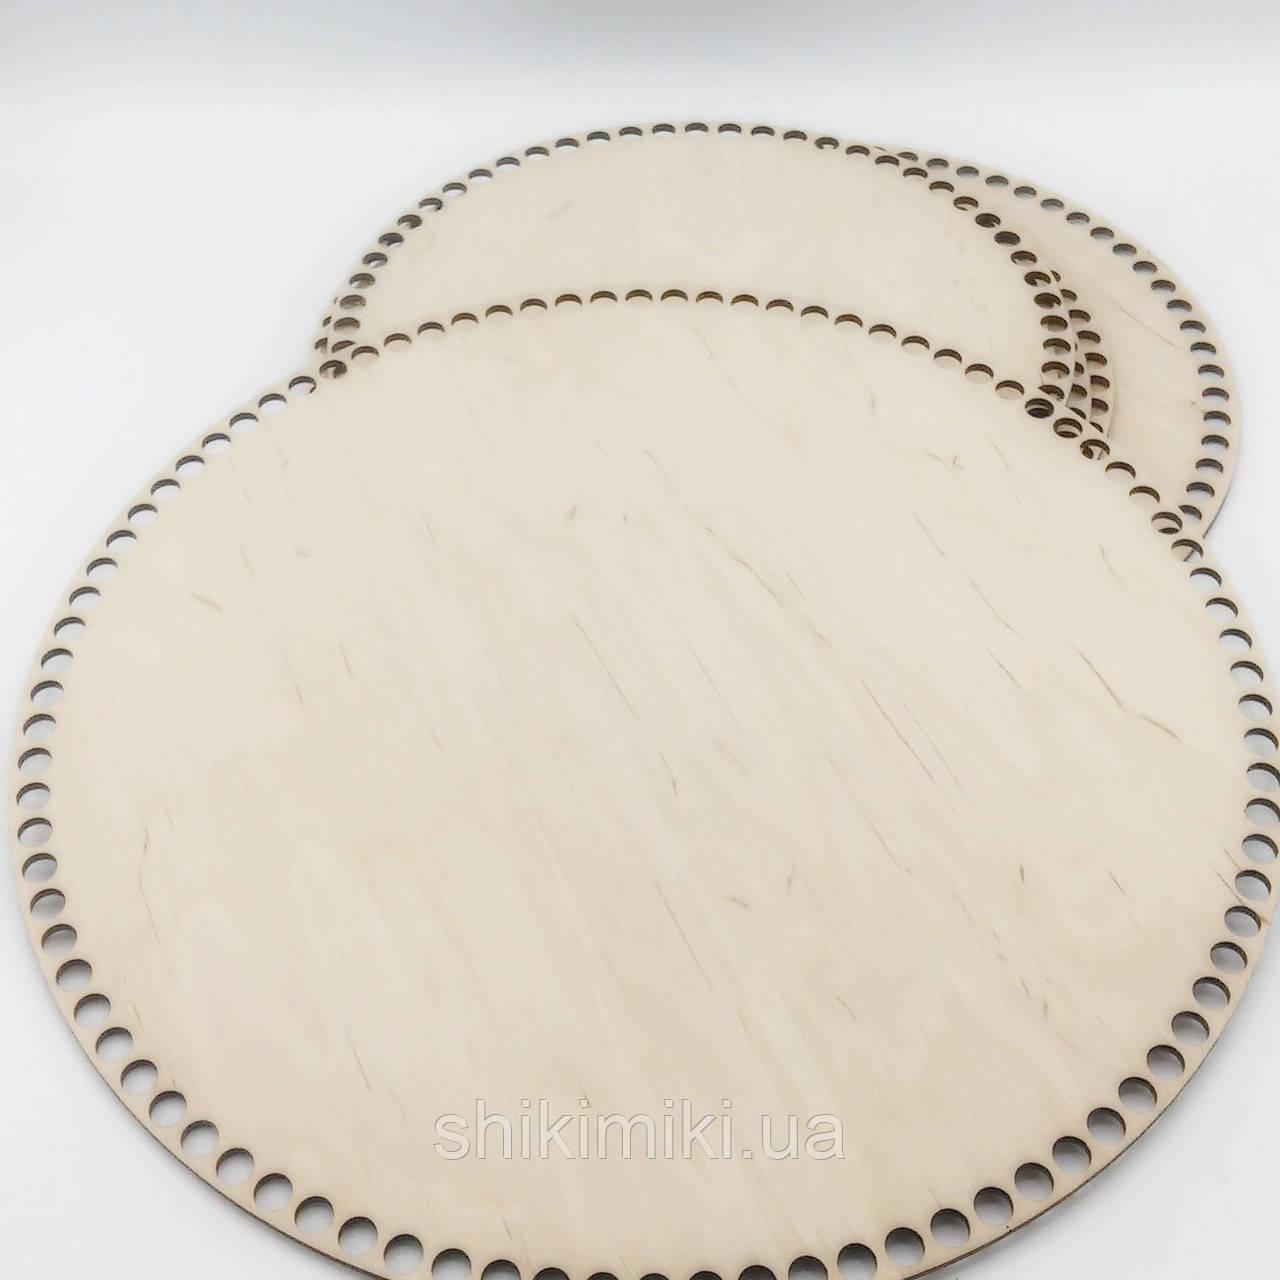 Заготовка из фанеры круглая (40 см)